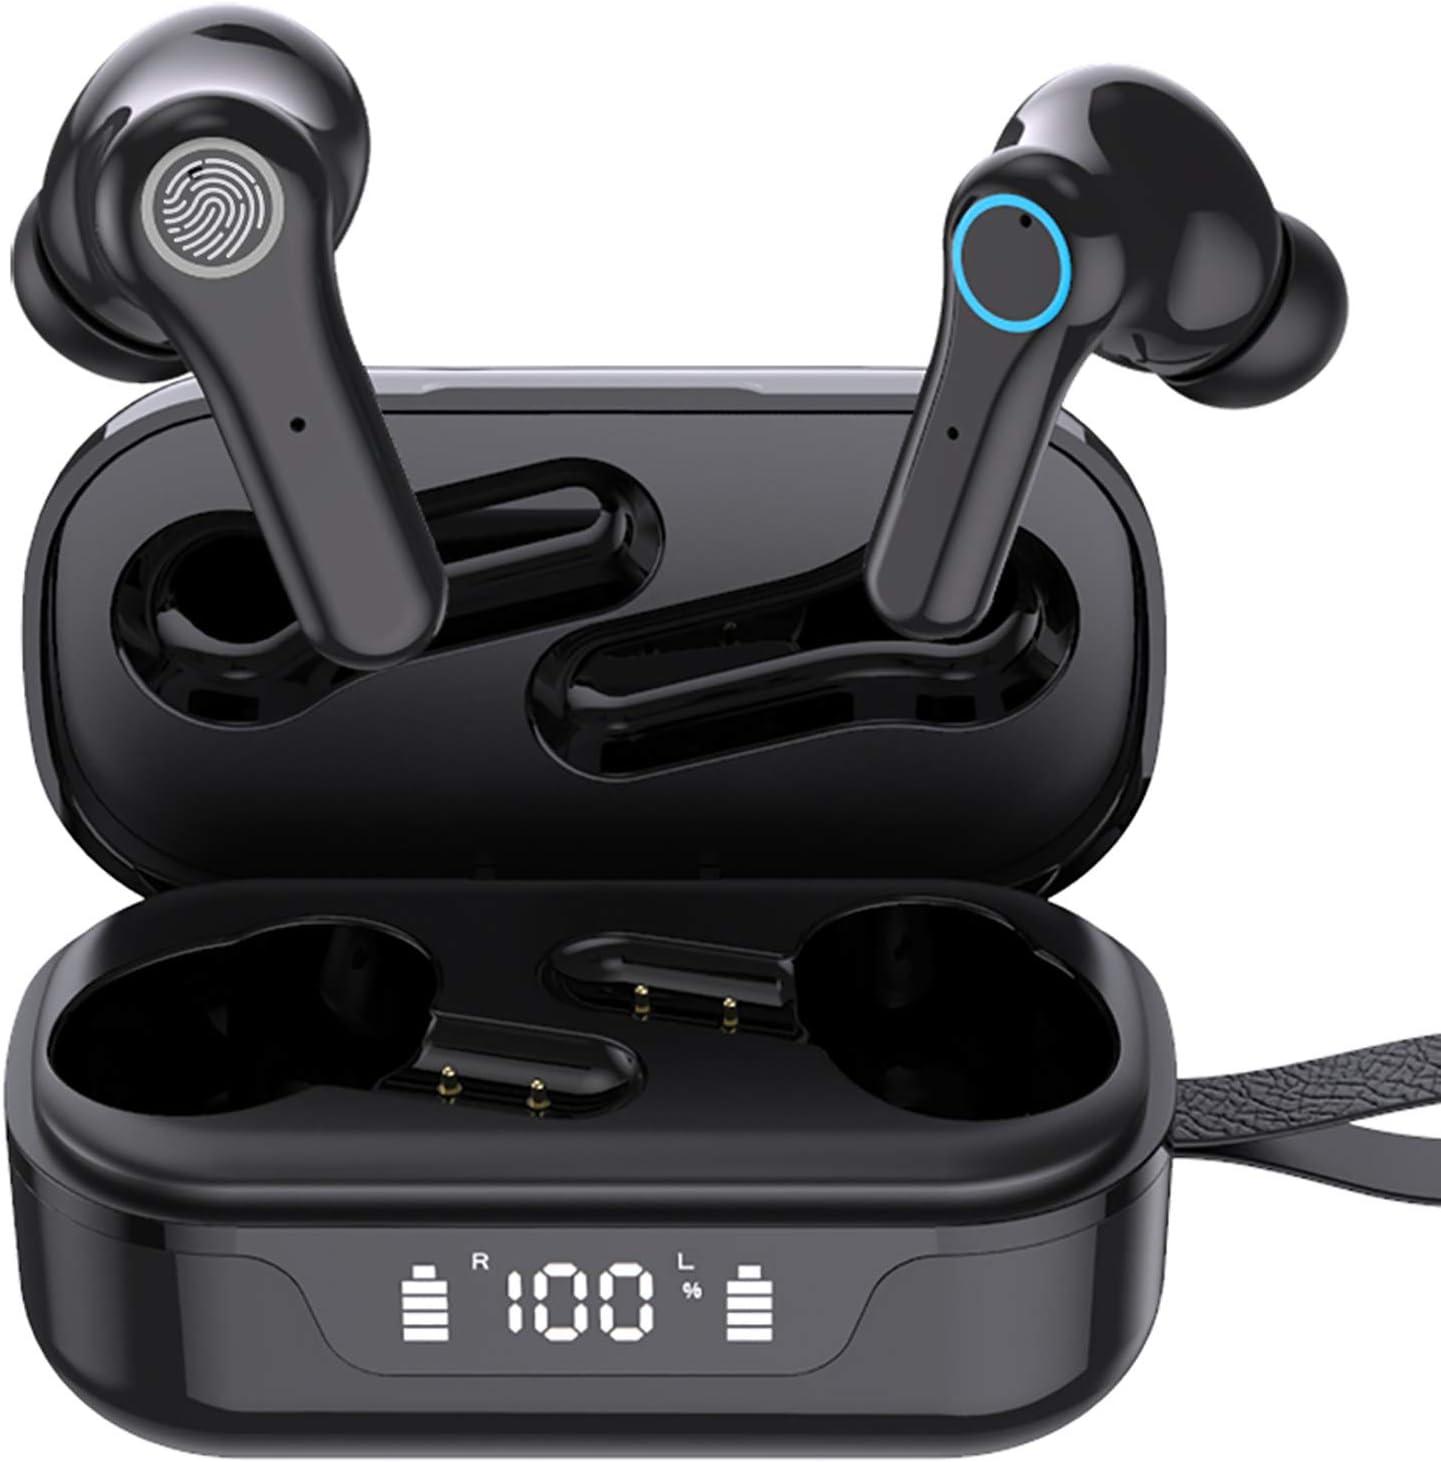 Auriculares Inalambricos, Auriculares Bluetooth 5.1 con Mini TWS Graves Profundos, Cascos Inhalabricos In Ear con USB C Carga Rápida Reproducción de 30H Control Tactil, IPX7 Impermeable para Deporte